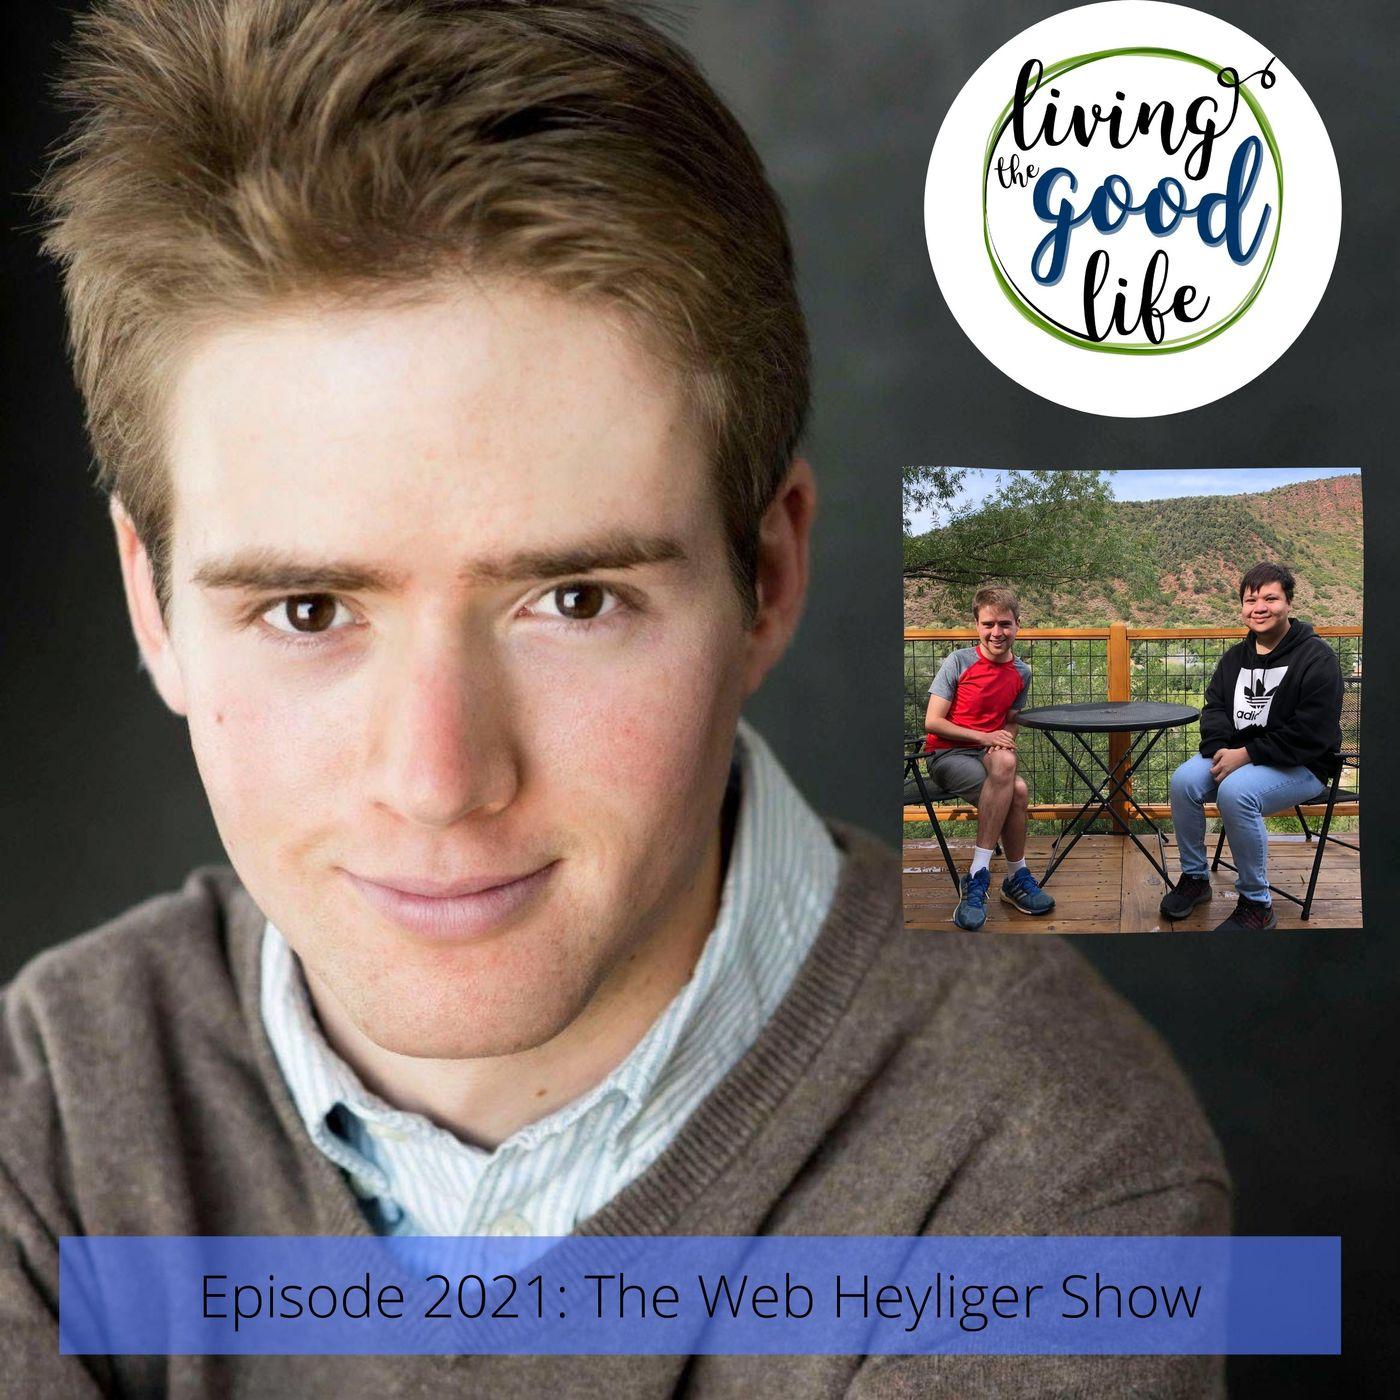 LTGL2021- The Web Heyliger Show - Web Heyliger & Temo Fregoso